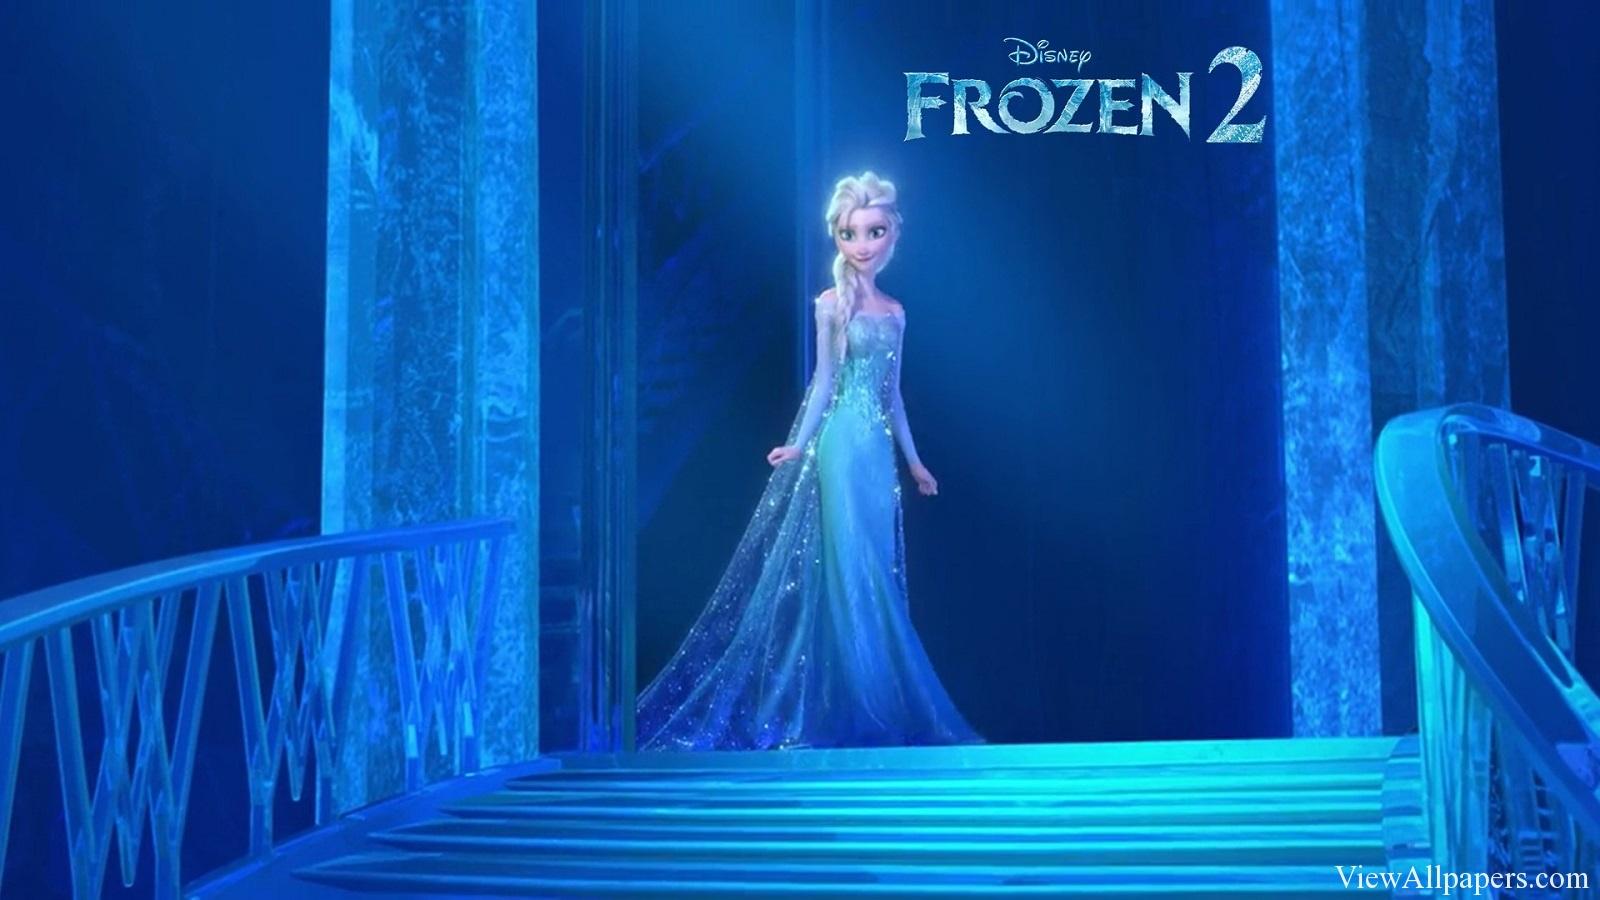 Frozen 2 Movie High Resolution Wallpaper download Disney Frozen 1600x900